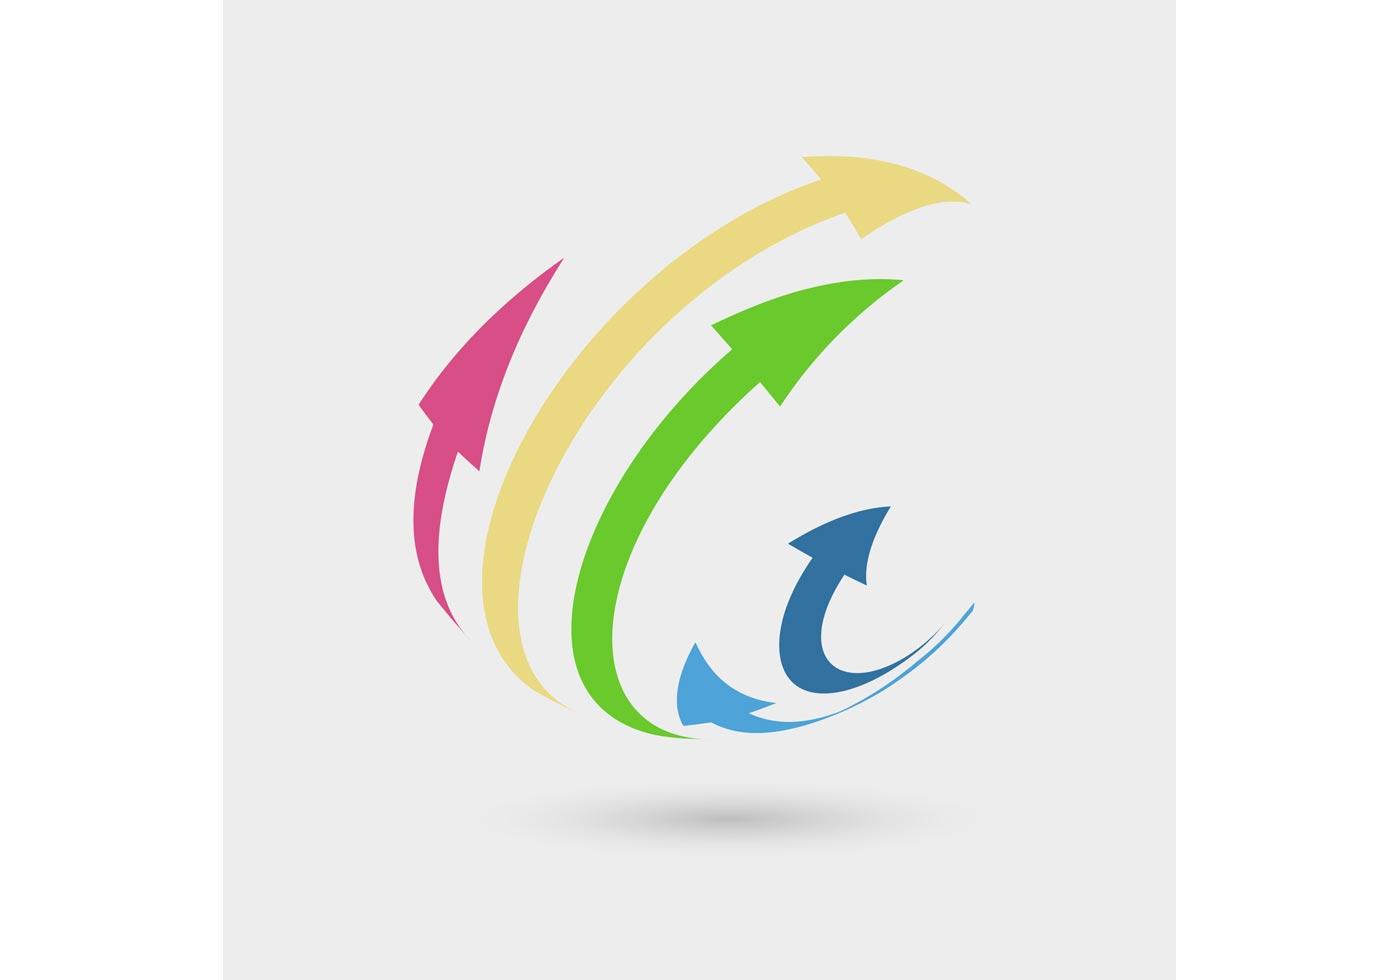 arrows logo vector - photo #4